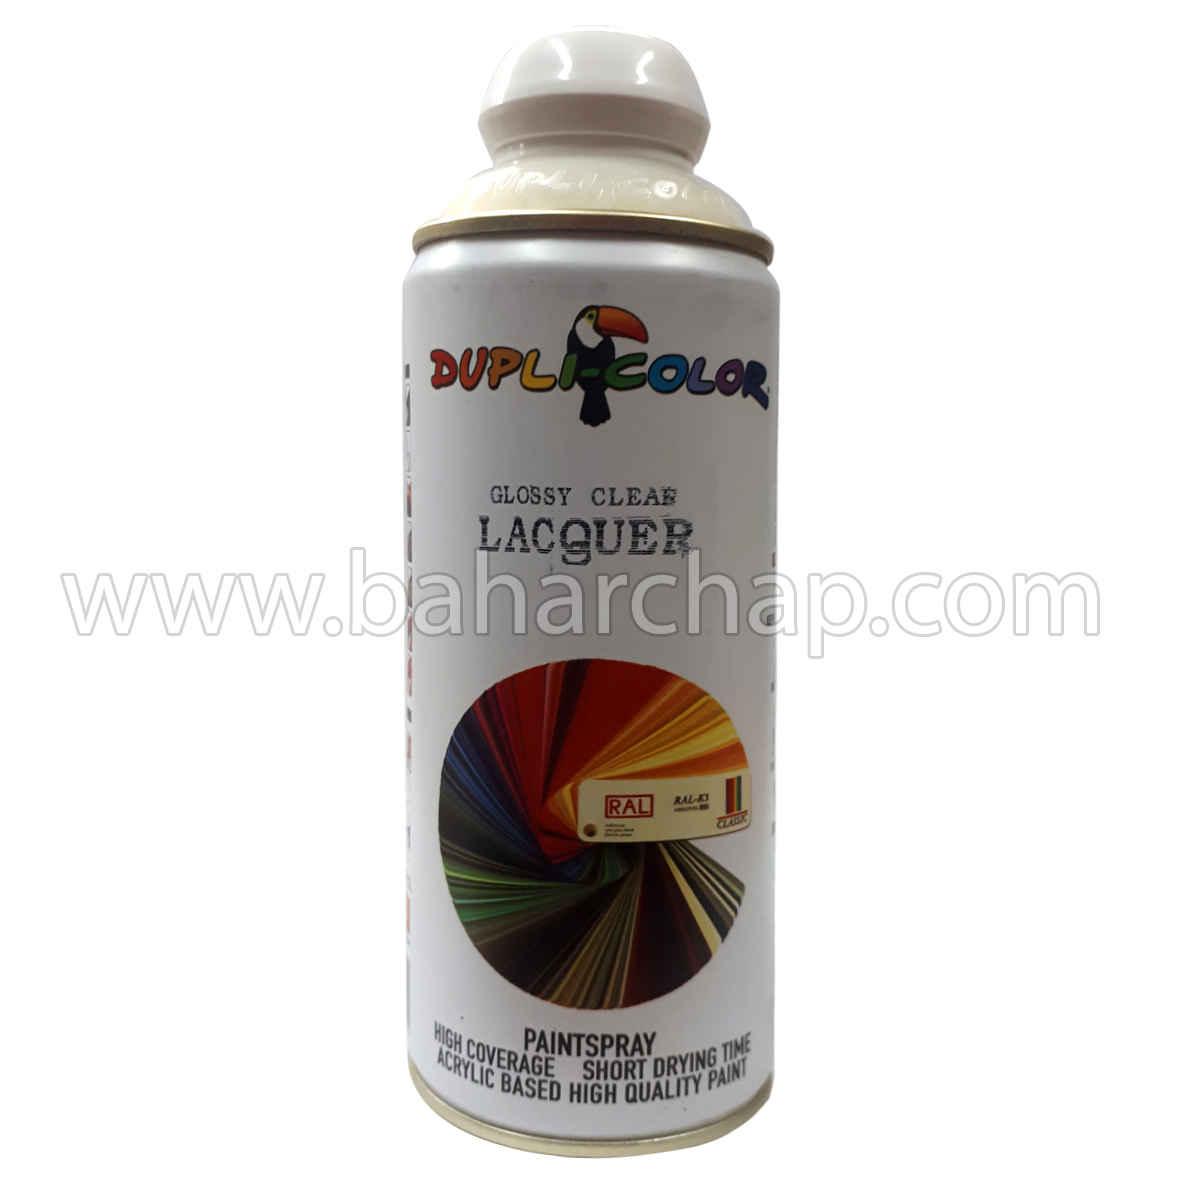 فروشگاه و خدمات اینترنتی بهارچاپ اصفهان-اسپری محافظت کننده رنگ (براق)-Glassy Clear lacguer Dupli-color